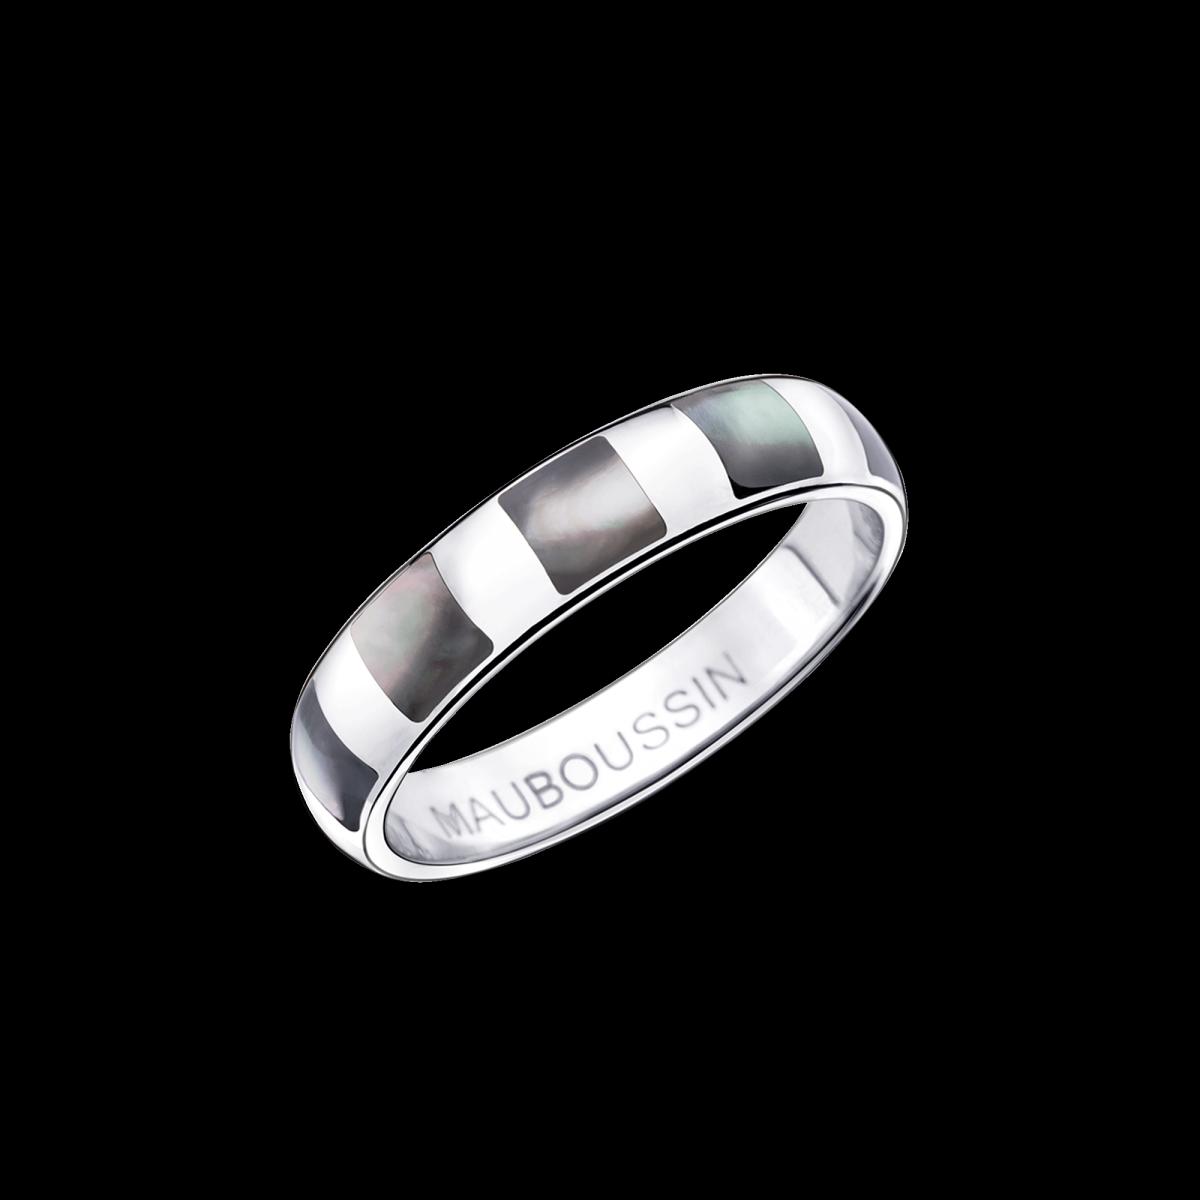 MAUBOUSSINの結婚指輪デザイン6